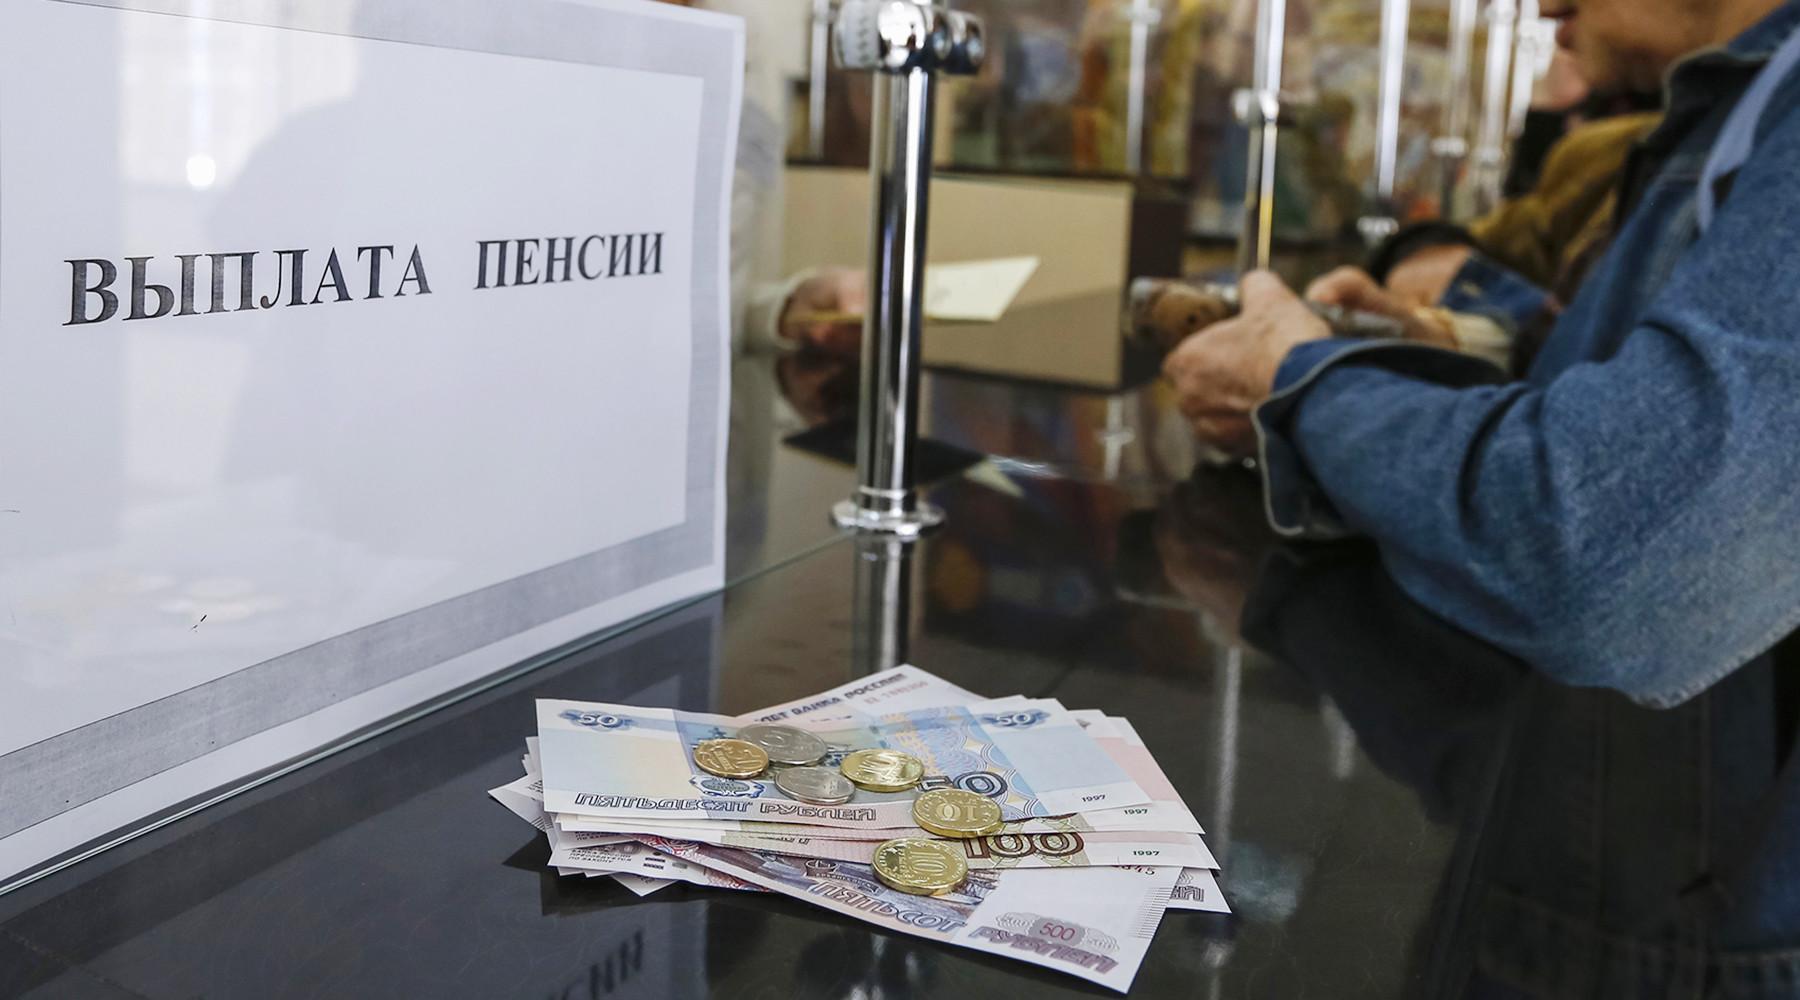 Заработали: занятые пенсионеры получат прибавку к пенсии с 1 августа